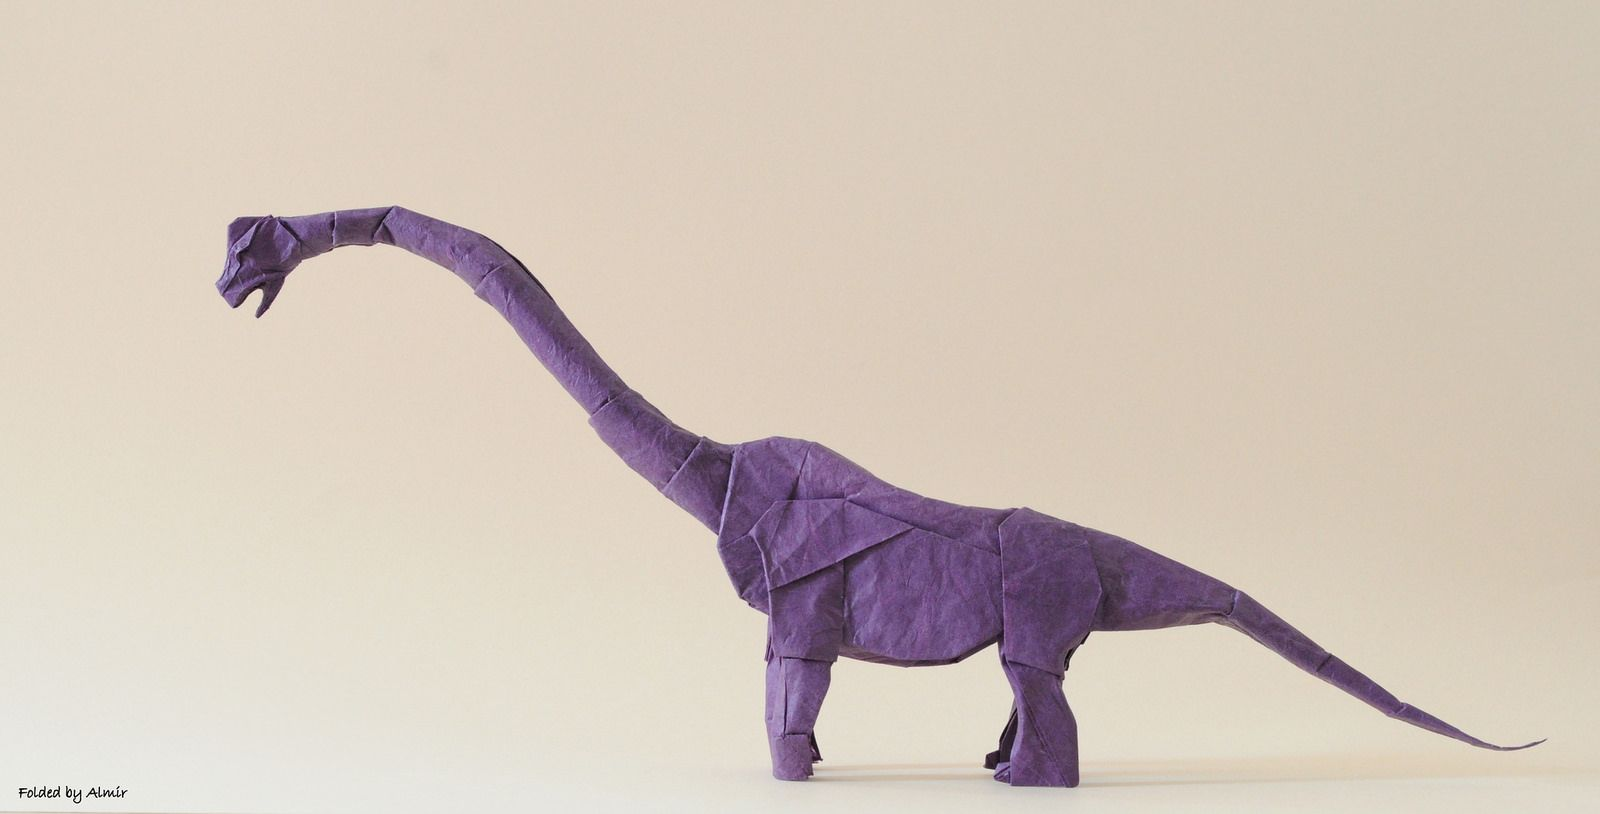 Brachiosaurus by shuki kato brachiosaurus by shuki kato by alexmironenko jeuxipadfo Image collections